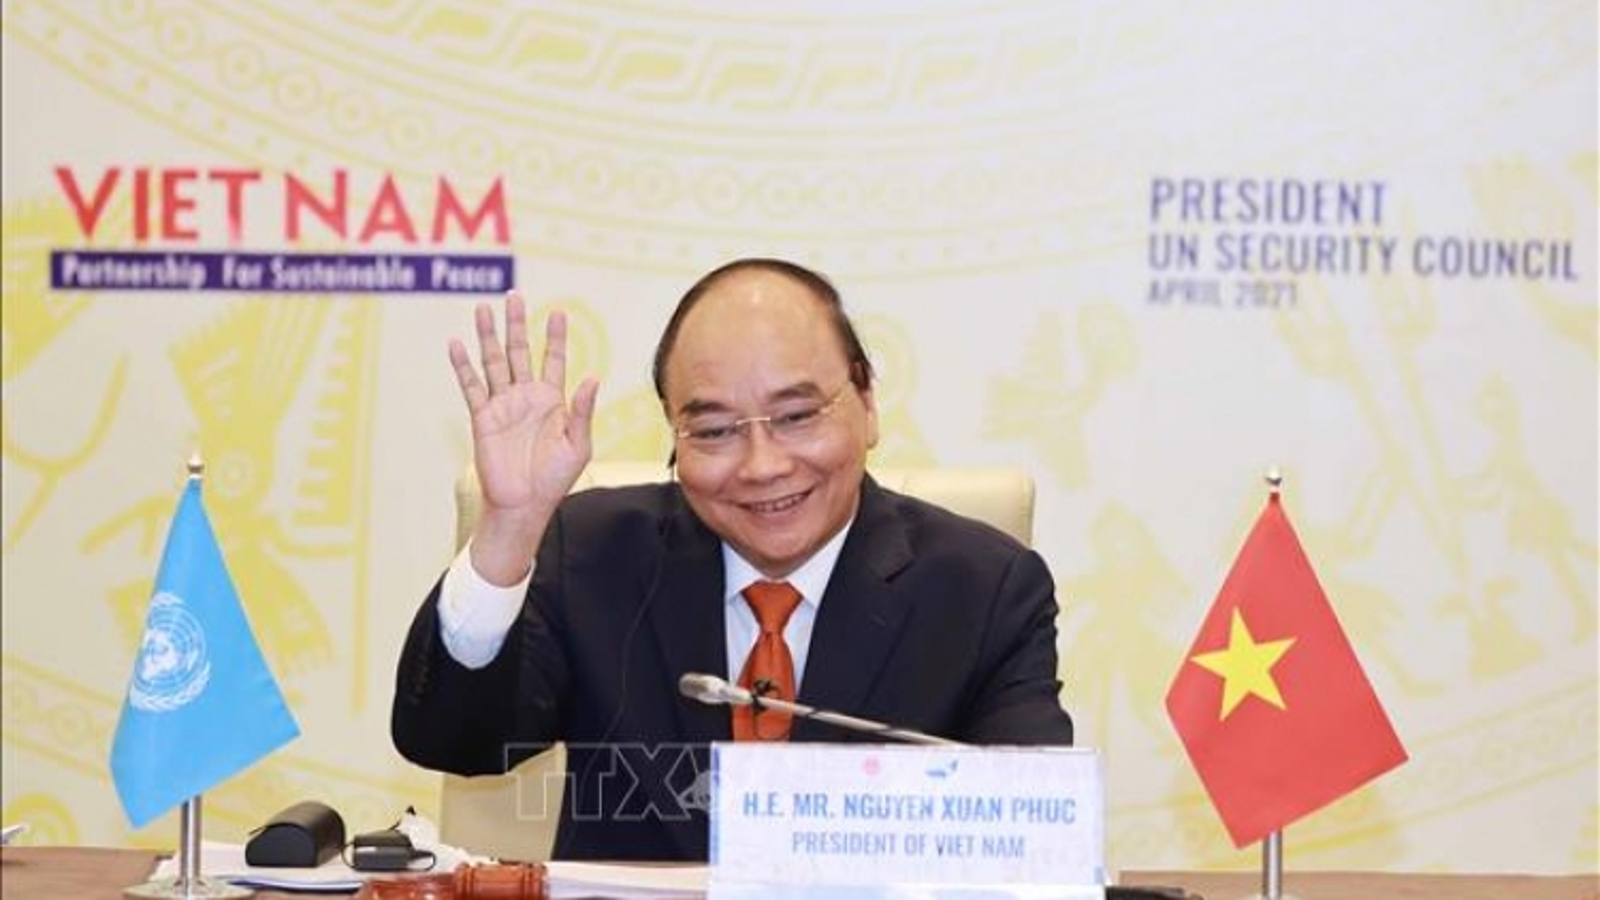 Dấu ấn Việt Nam tại phiên thảo luận mở cấp cao ở Hội đồng Bảo An